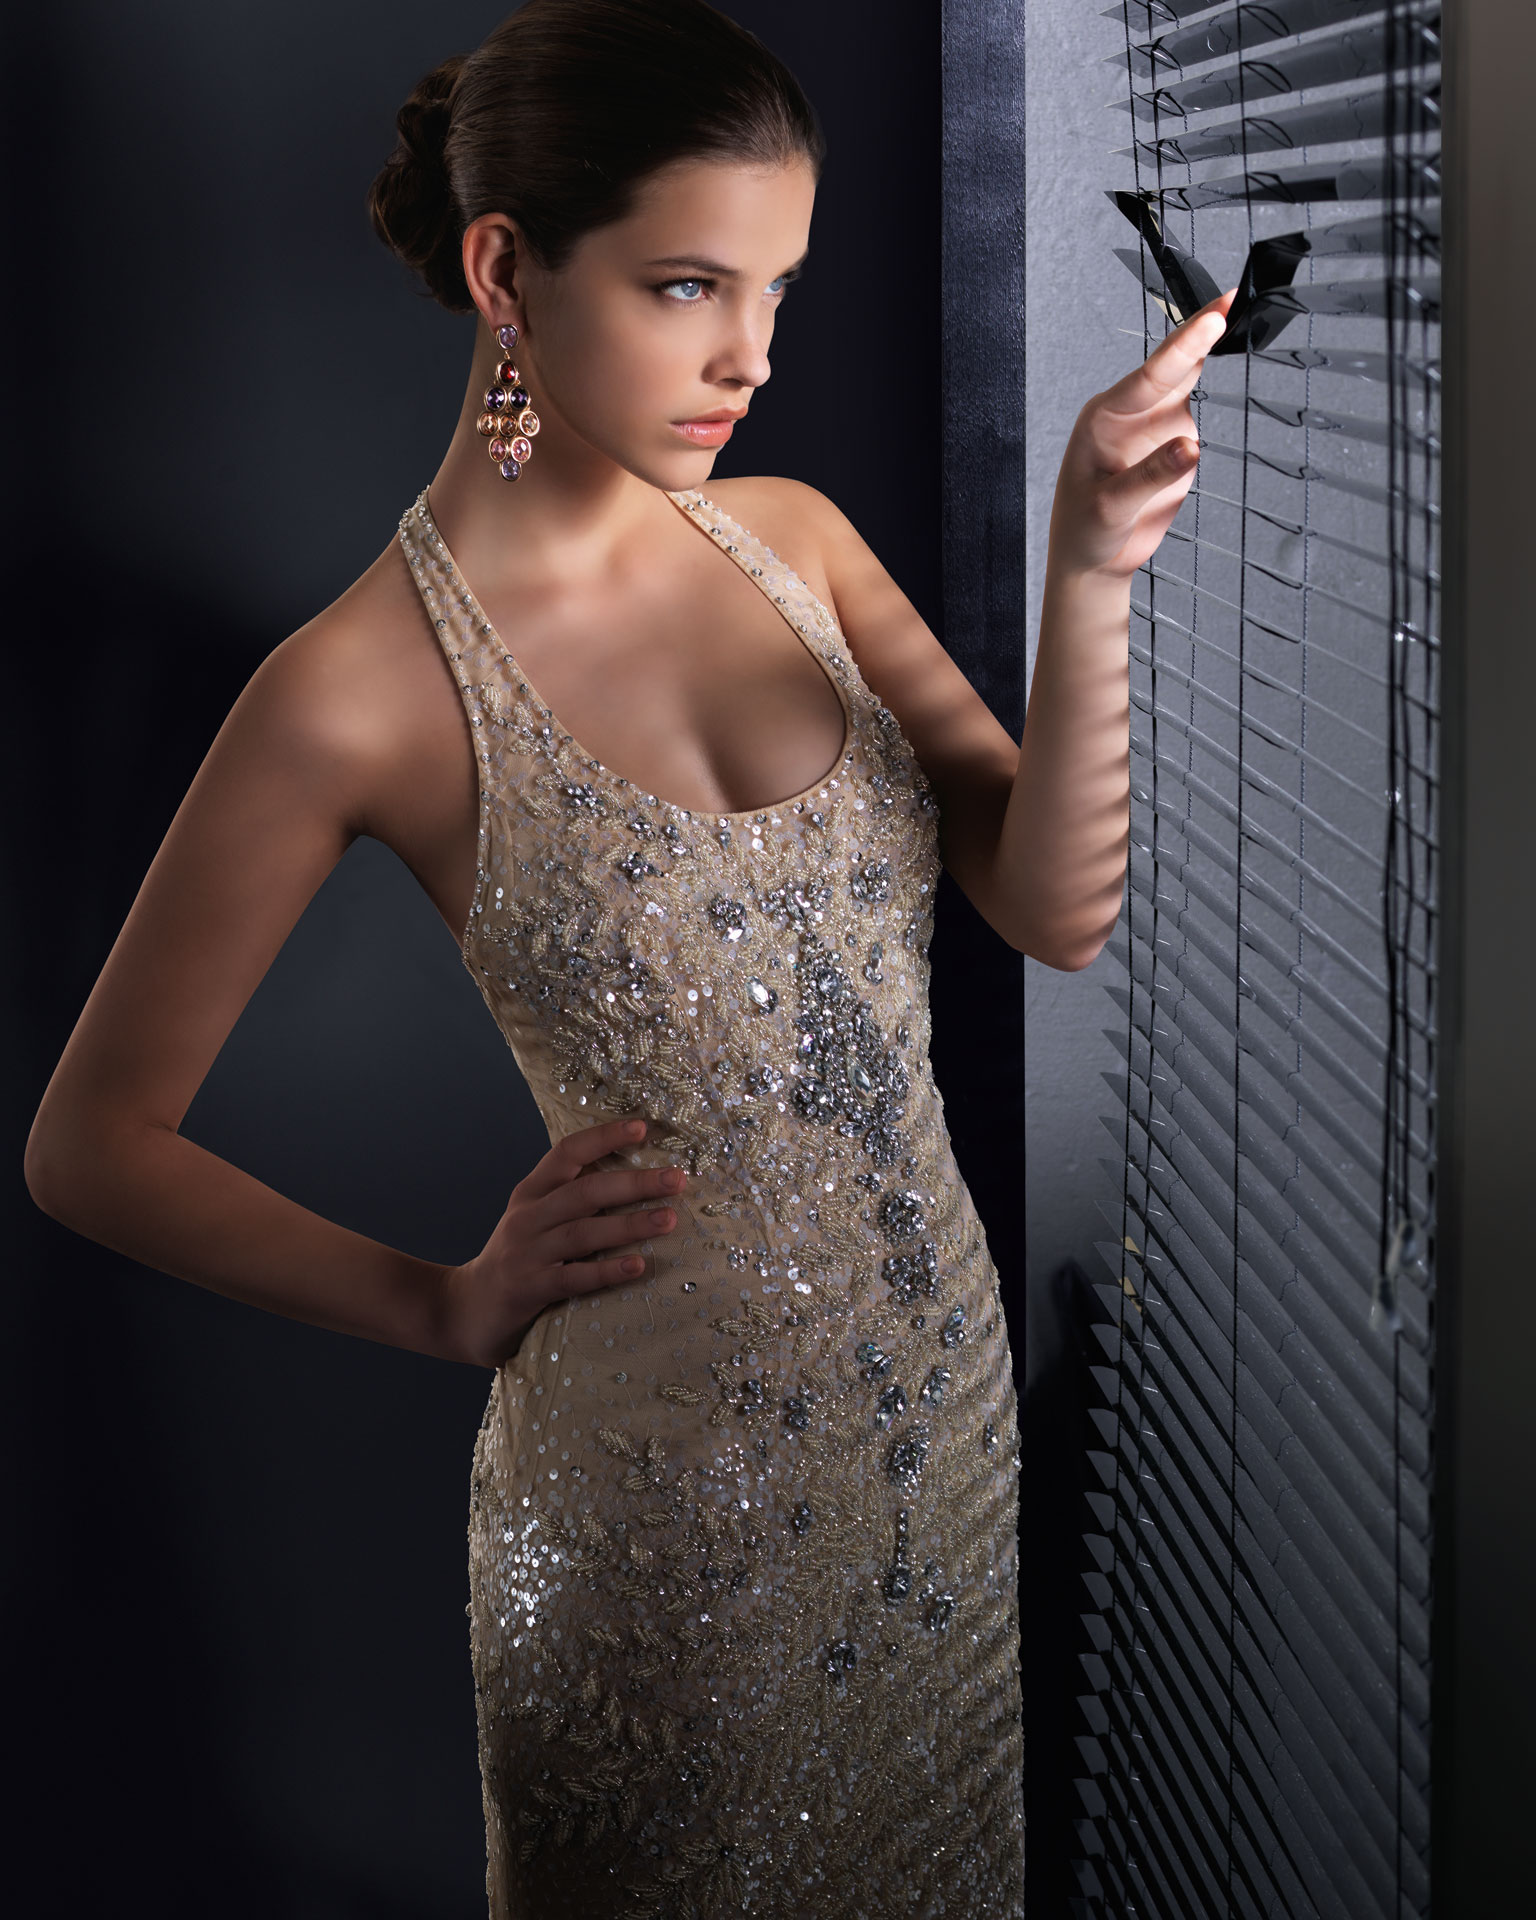 ... vestidos cortos del catálogo. ¡Te aseguro que hay modelos de los